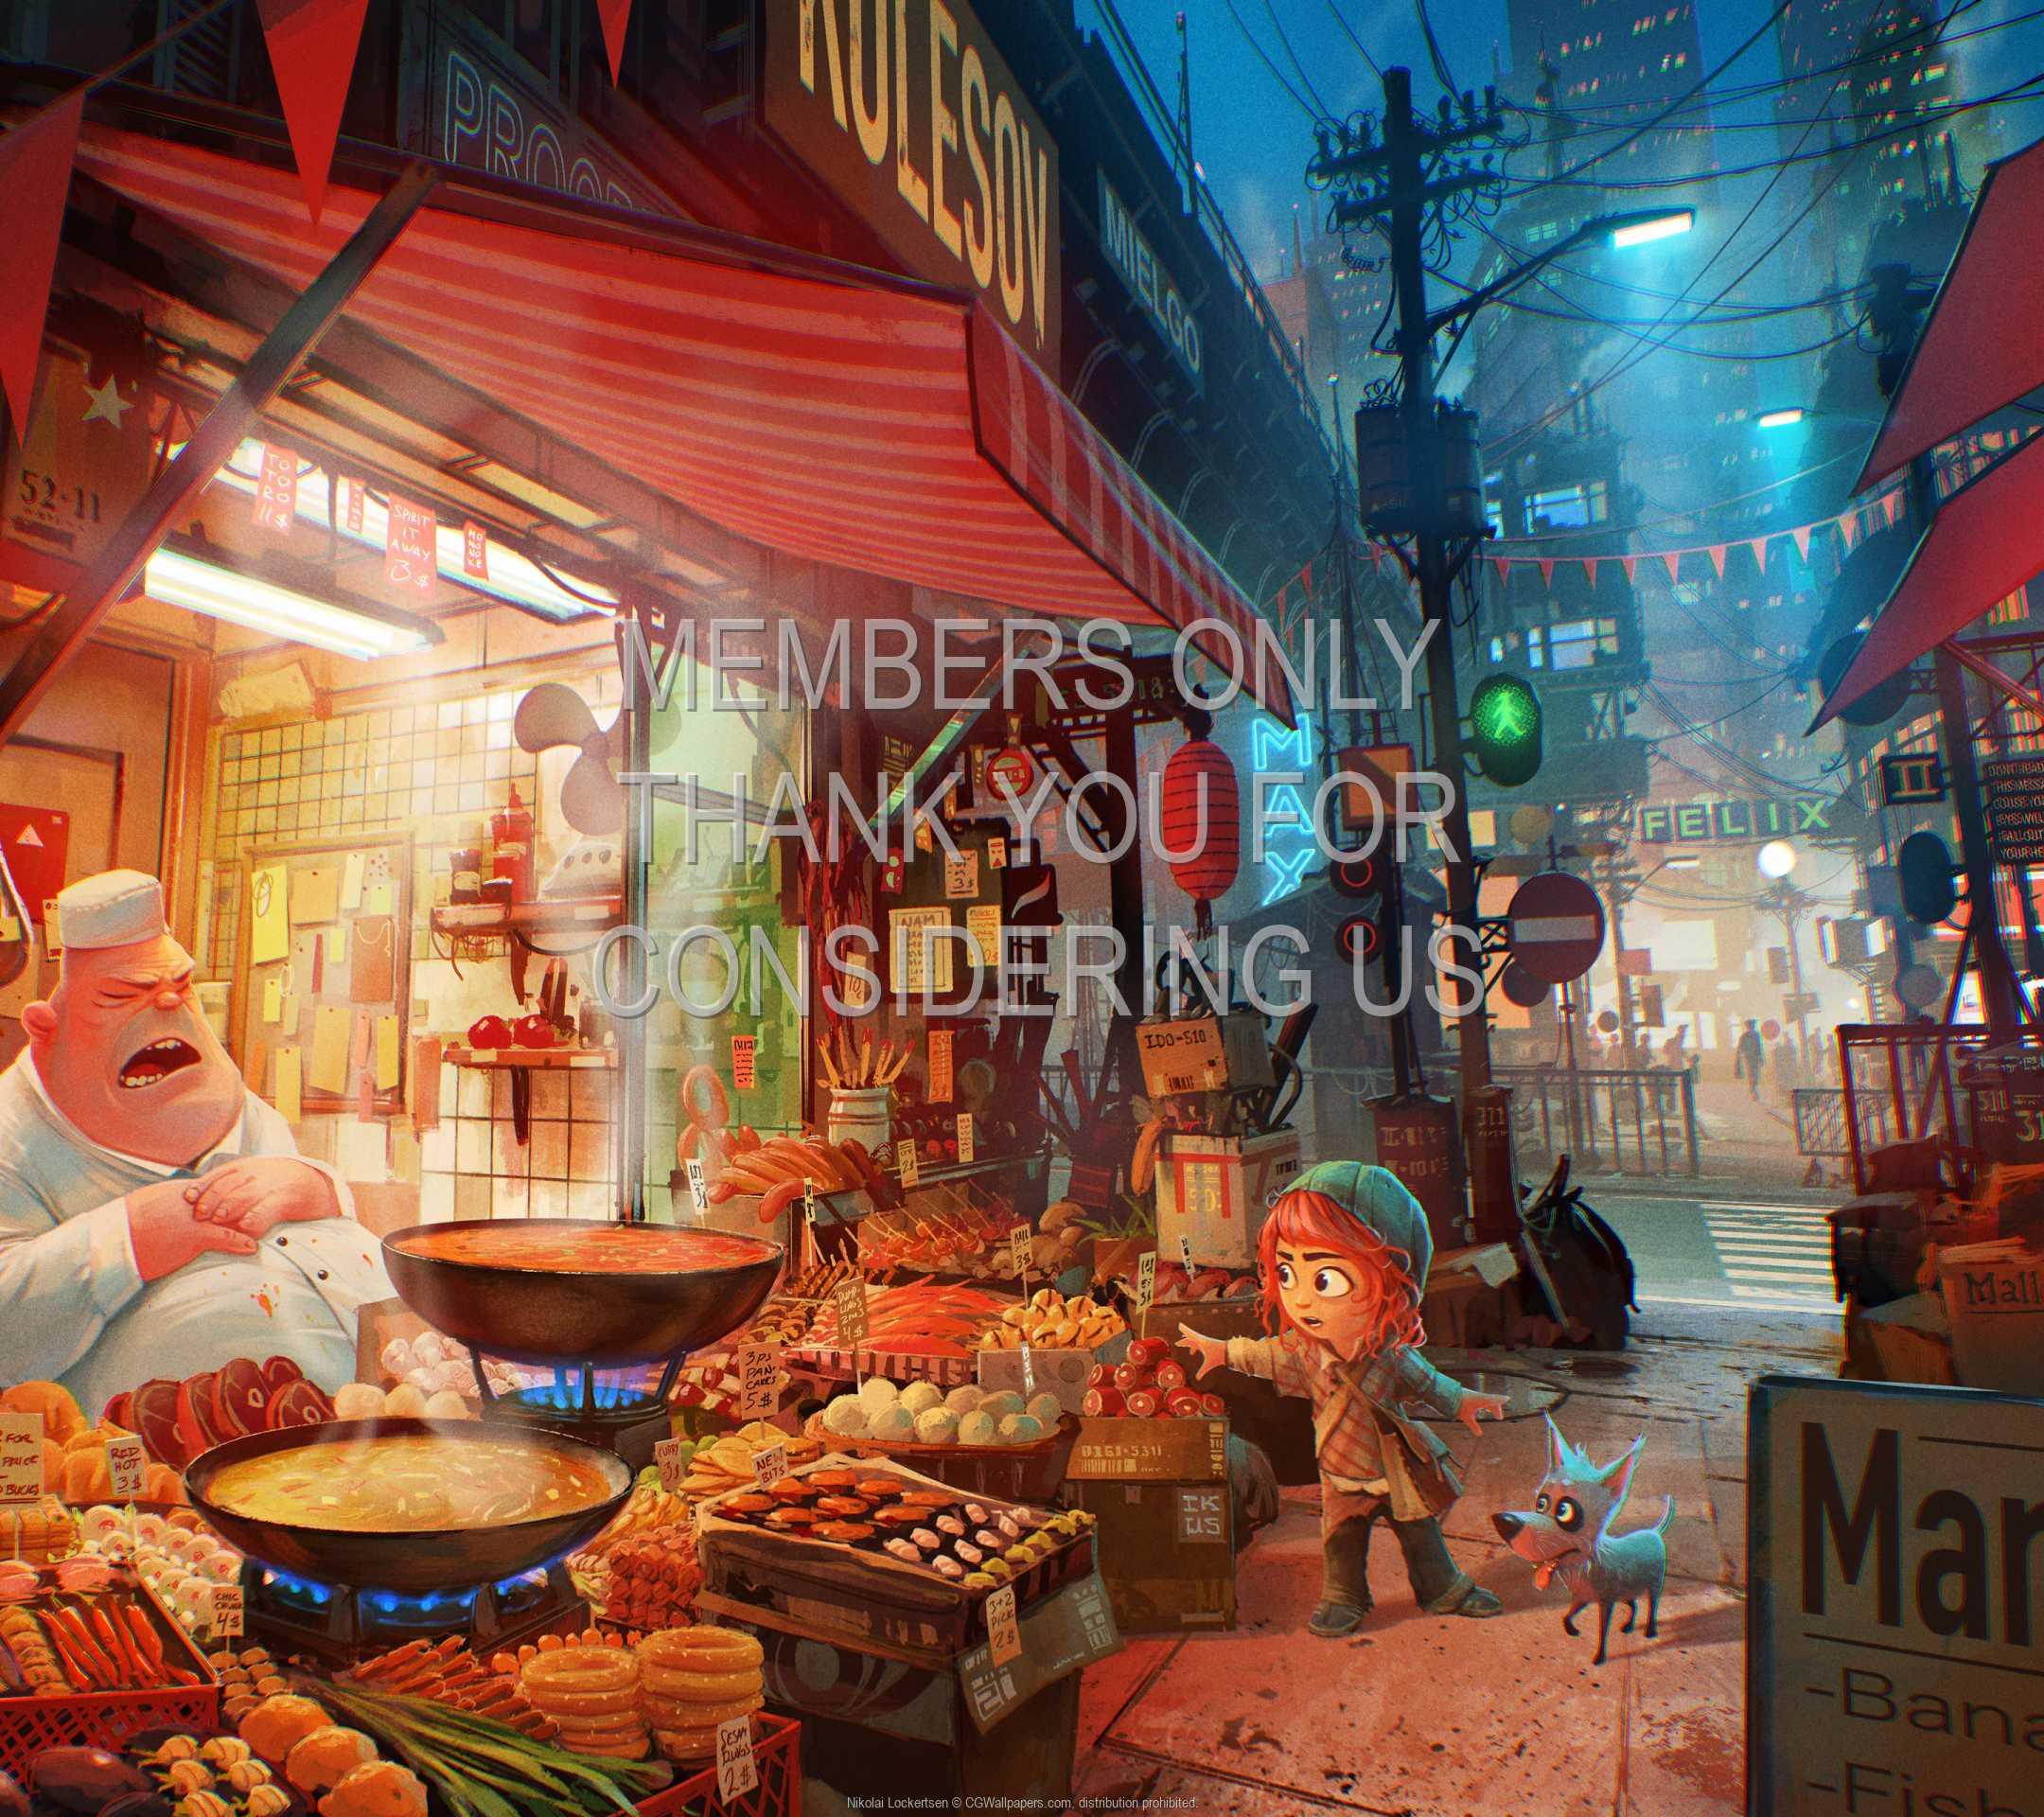 Nikolai Lockertsen 1080p Horizontal Mobiele achtergrond 17